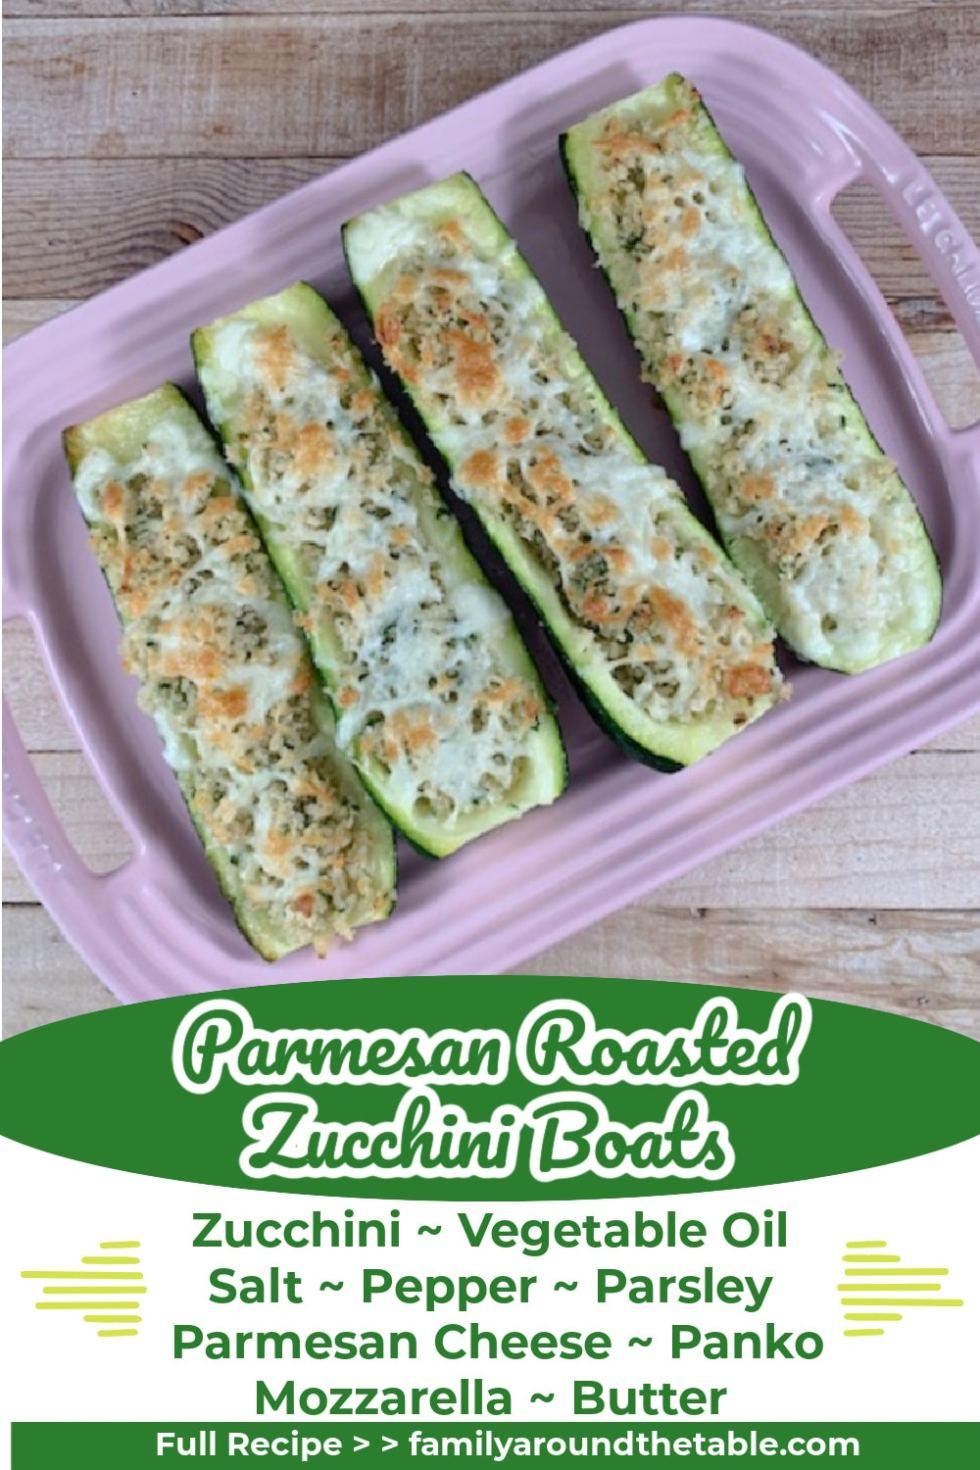 Parmesan Roasted Zucchini Boats Pinterest Image